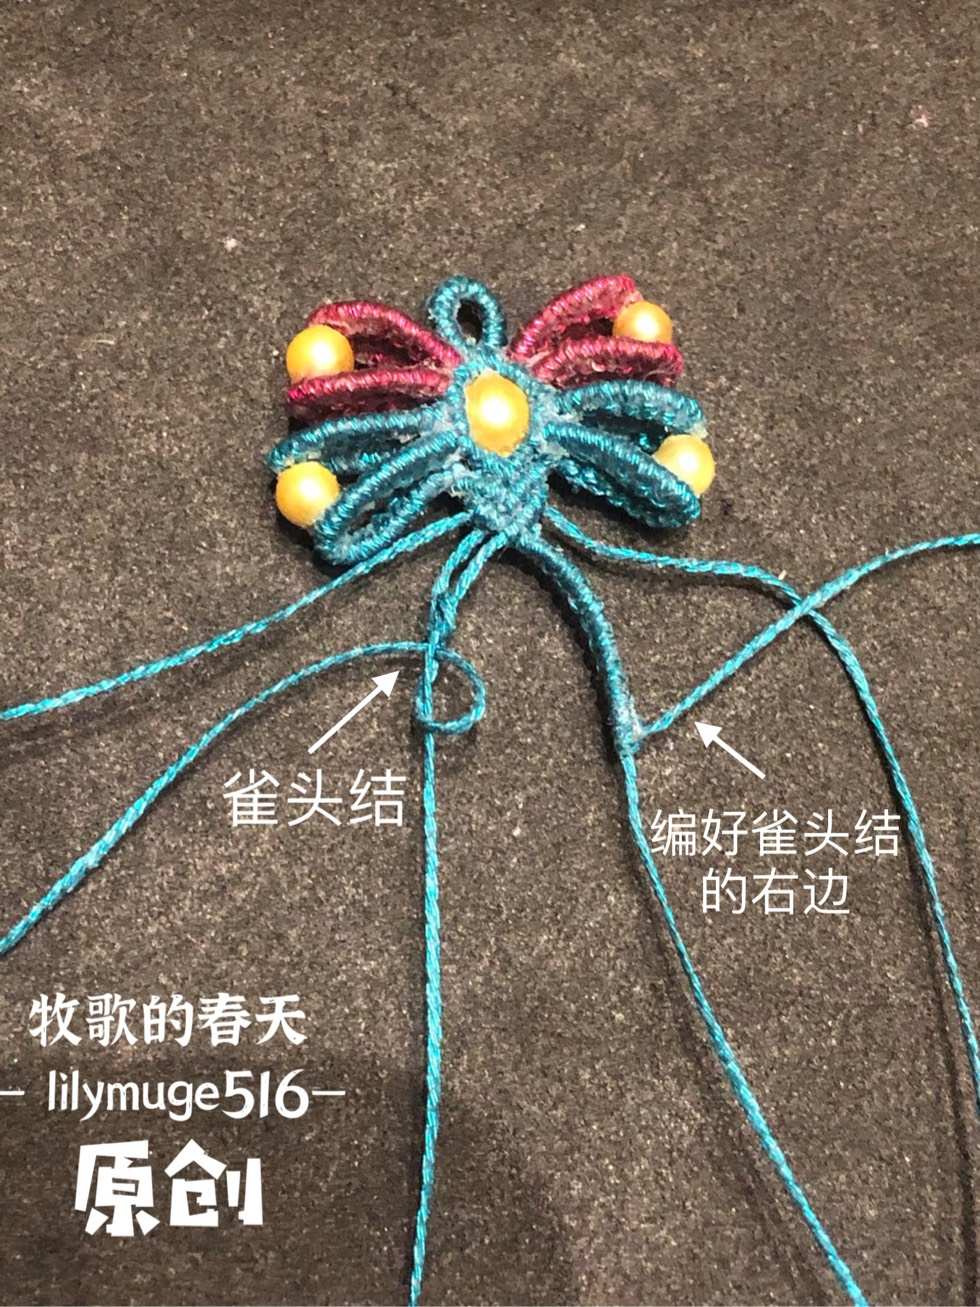 中国结论坛 原创 小蝴蝶教程 教程,蝴蝶手工折纸步骤图,小蝴蝶花朵的钩法视频,小蝴蝶怎么做手工,手工编织小蝴蝶教程 图文教程区 102539zs2xlax1xvsxspbn